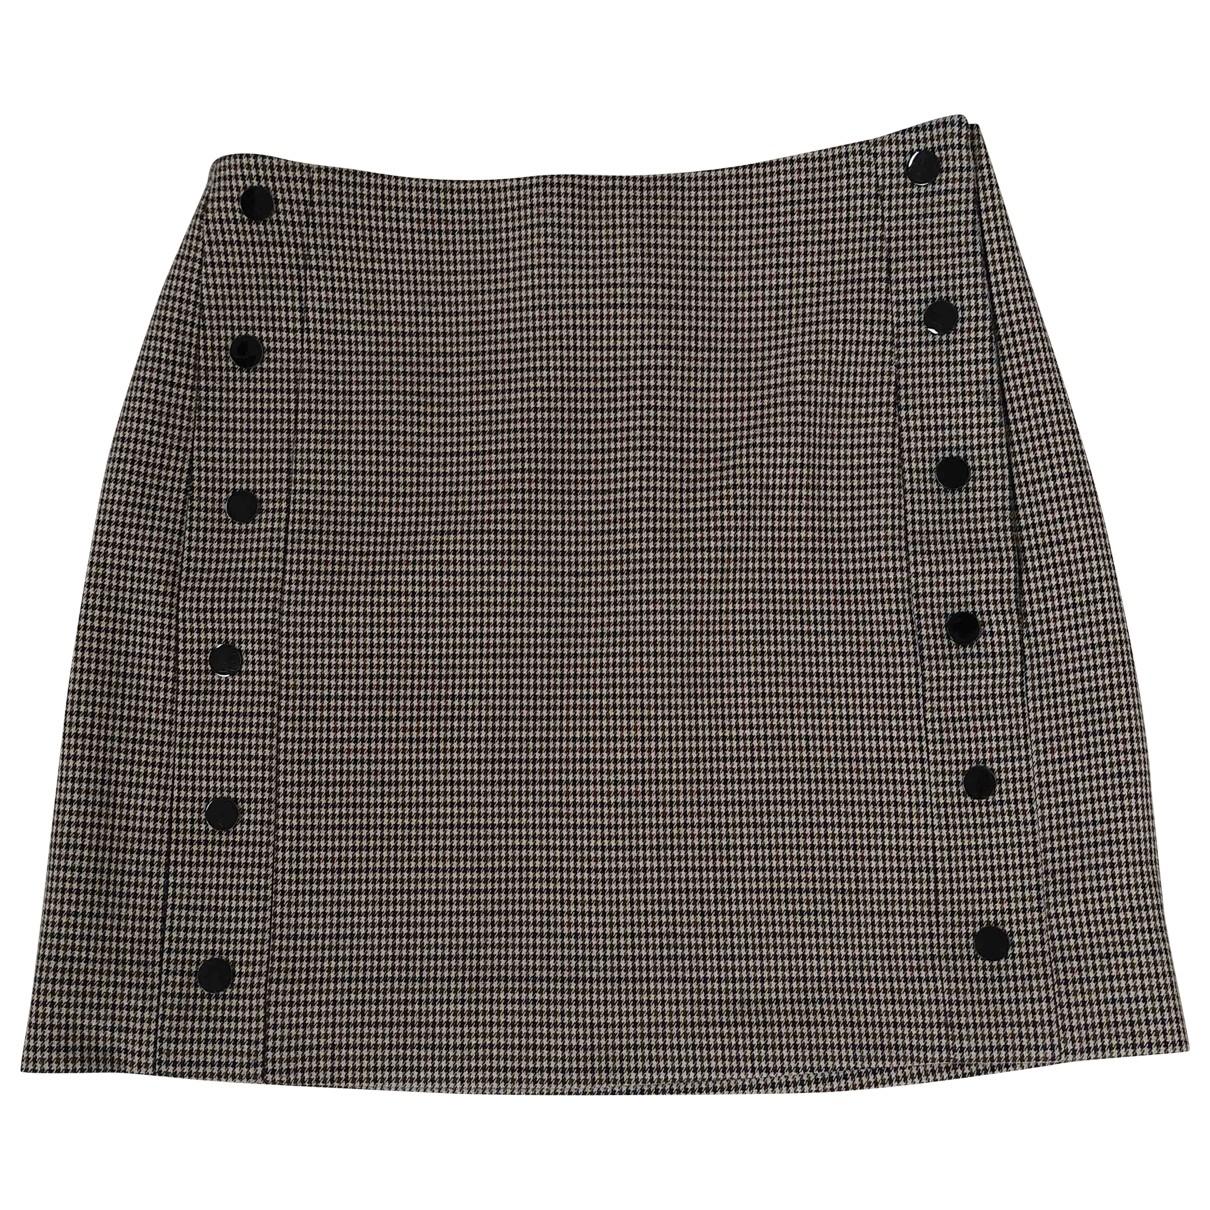 Sandro \N Beige skirt for Women 1 0-5